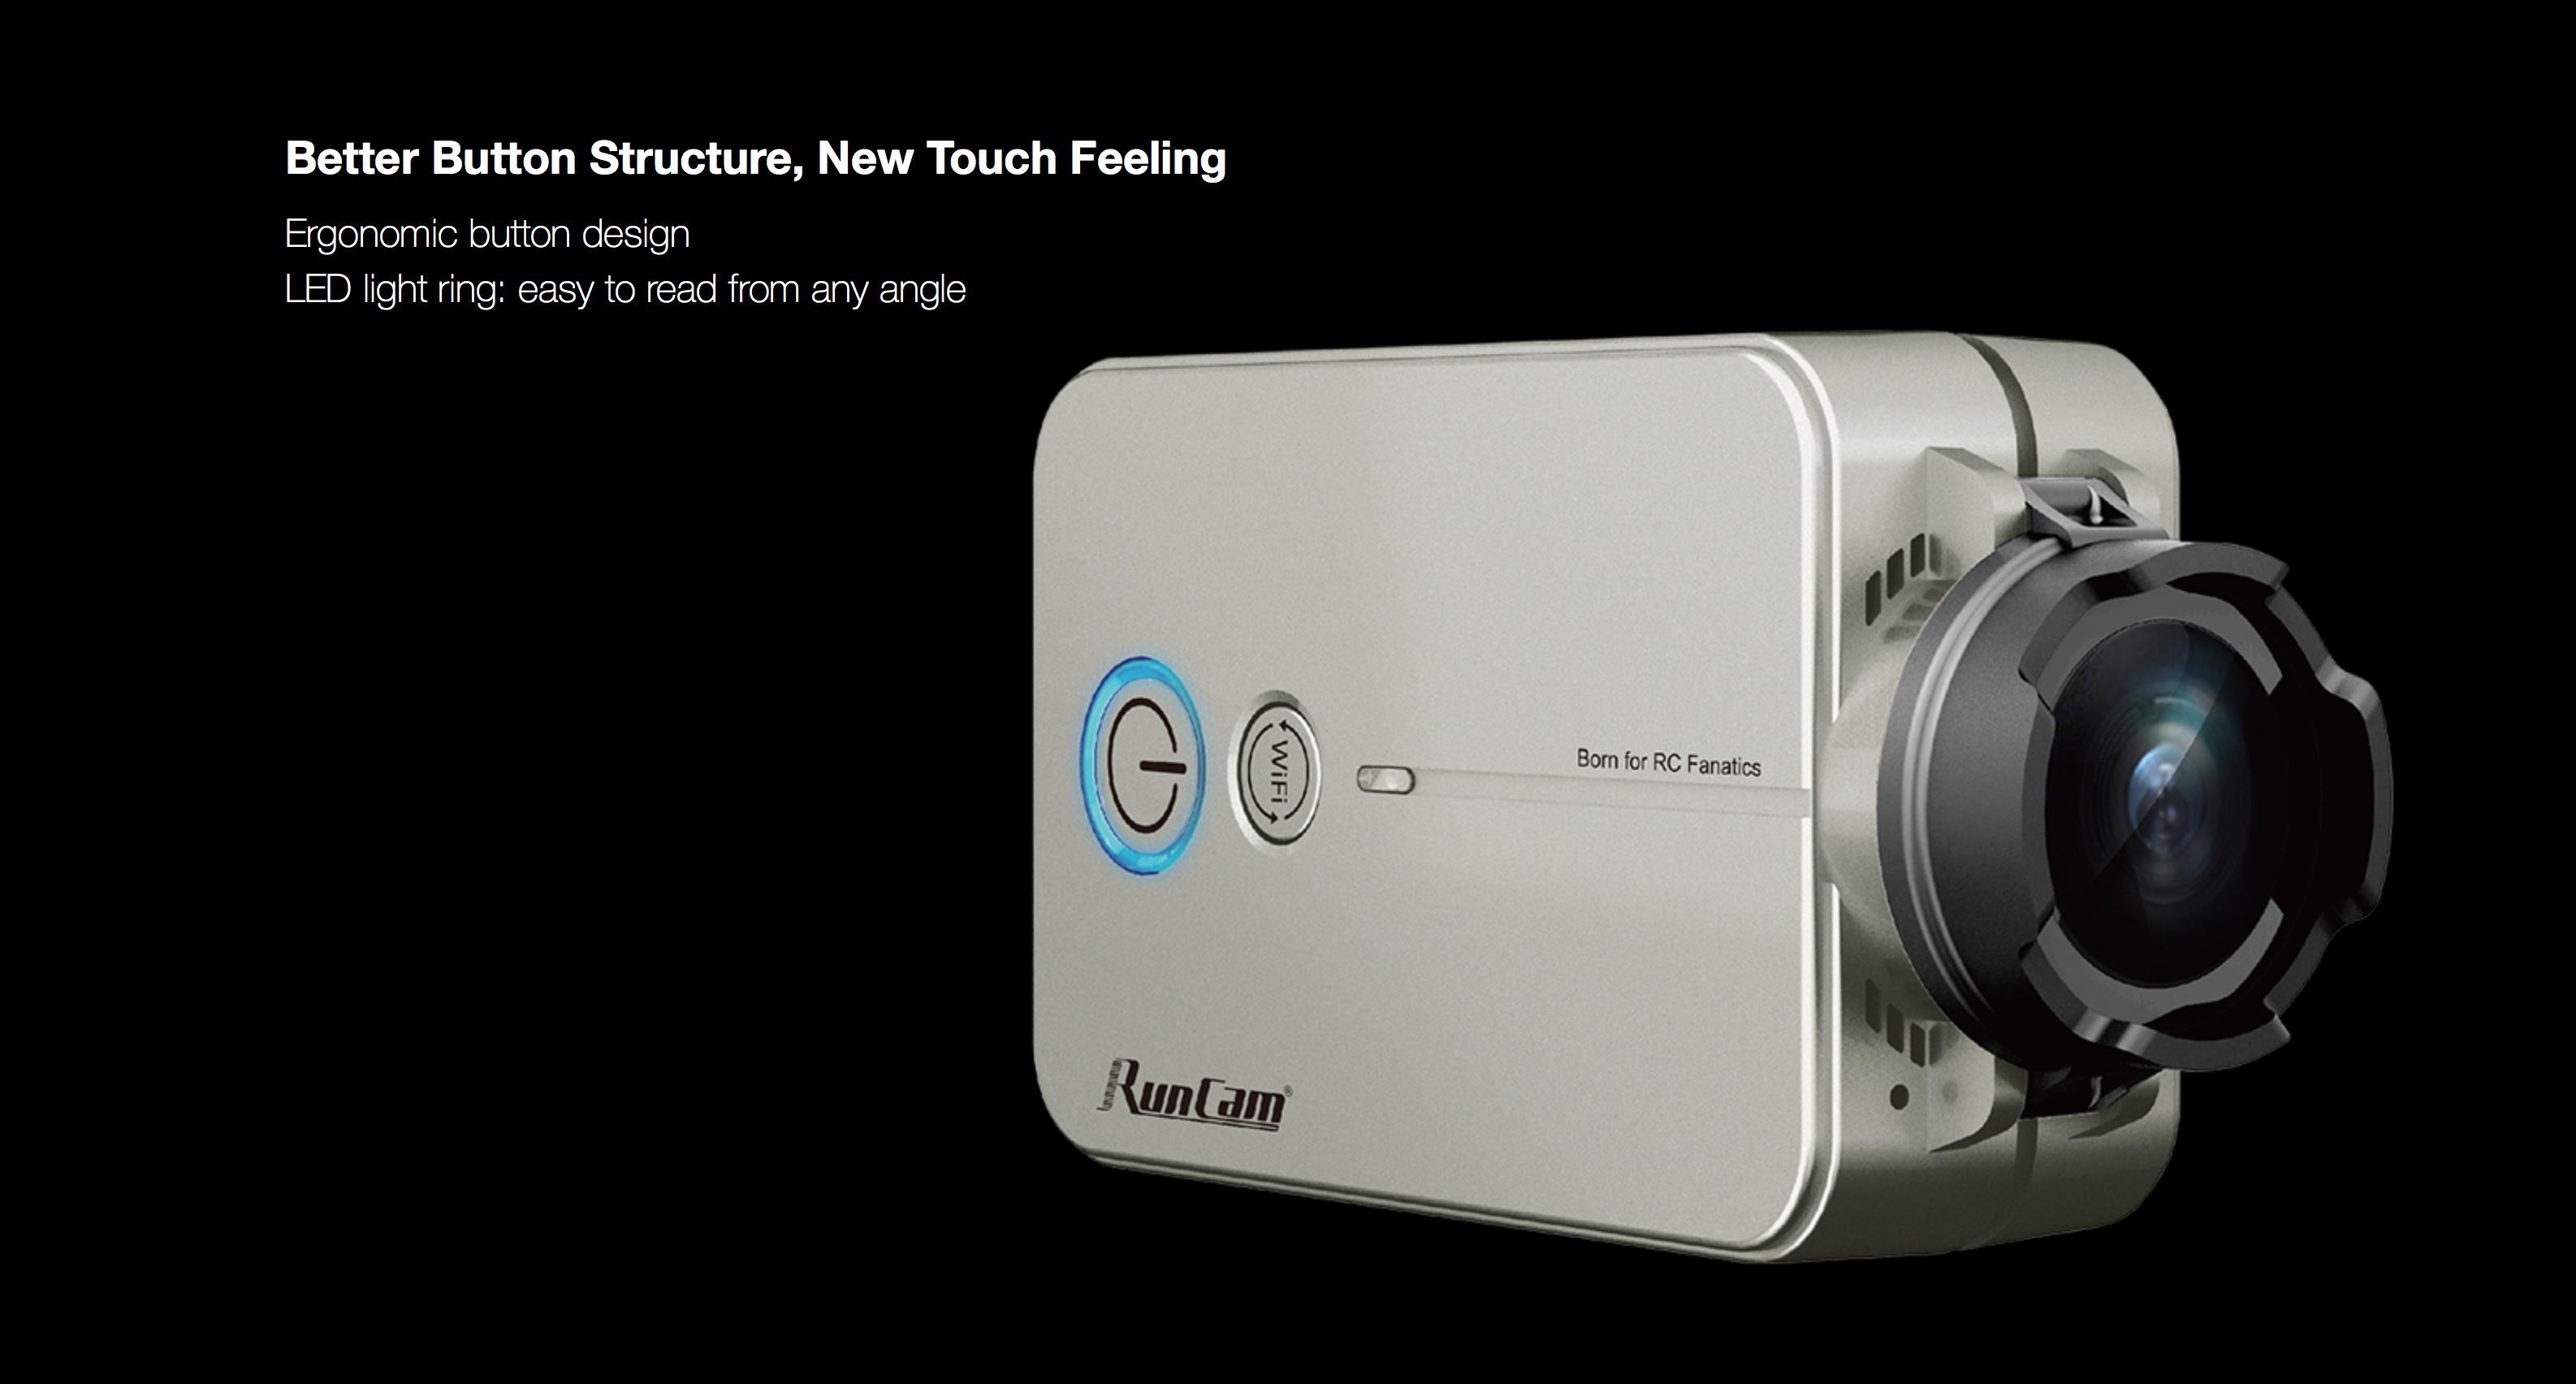 RunCam 2 Better Button Structure, New Touch Feeling